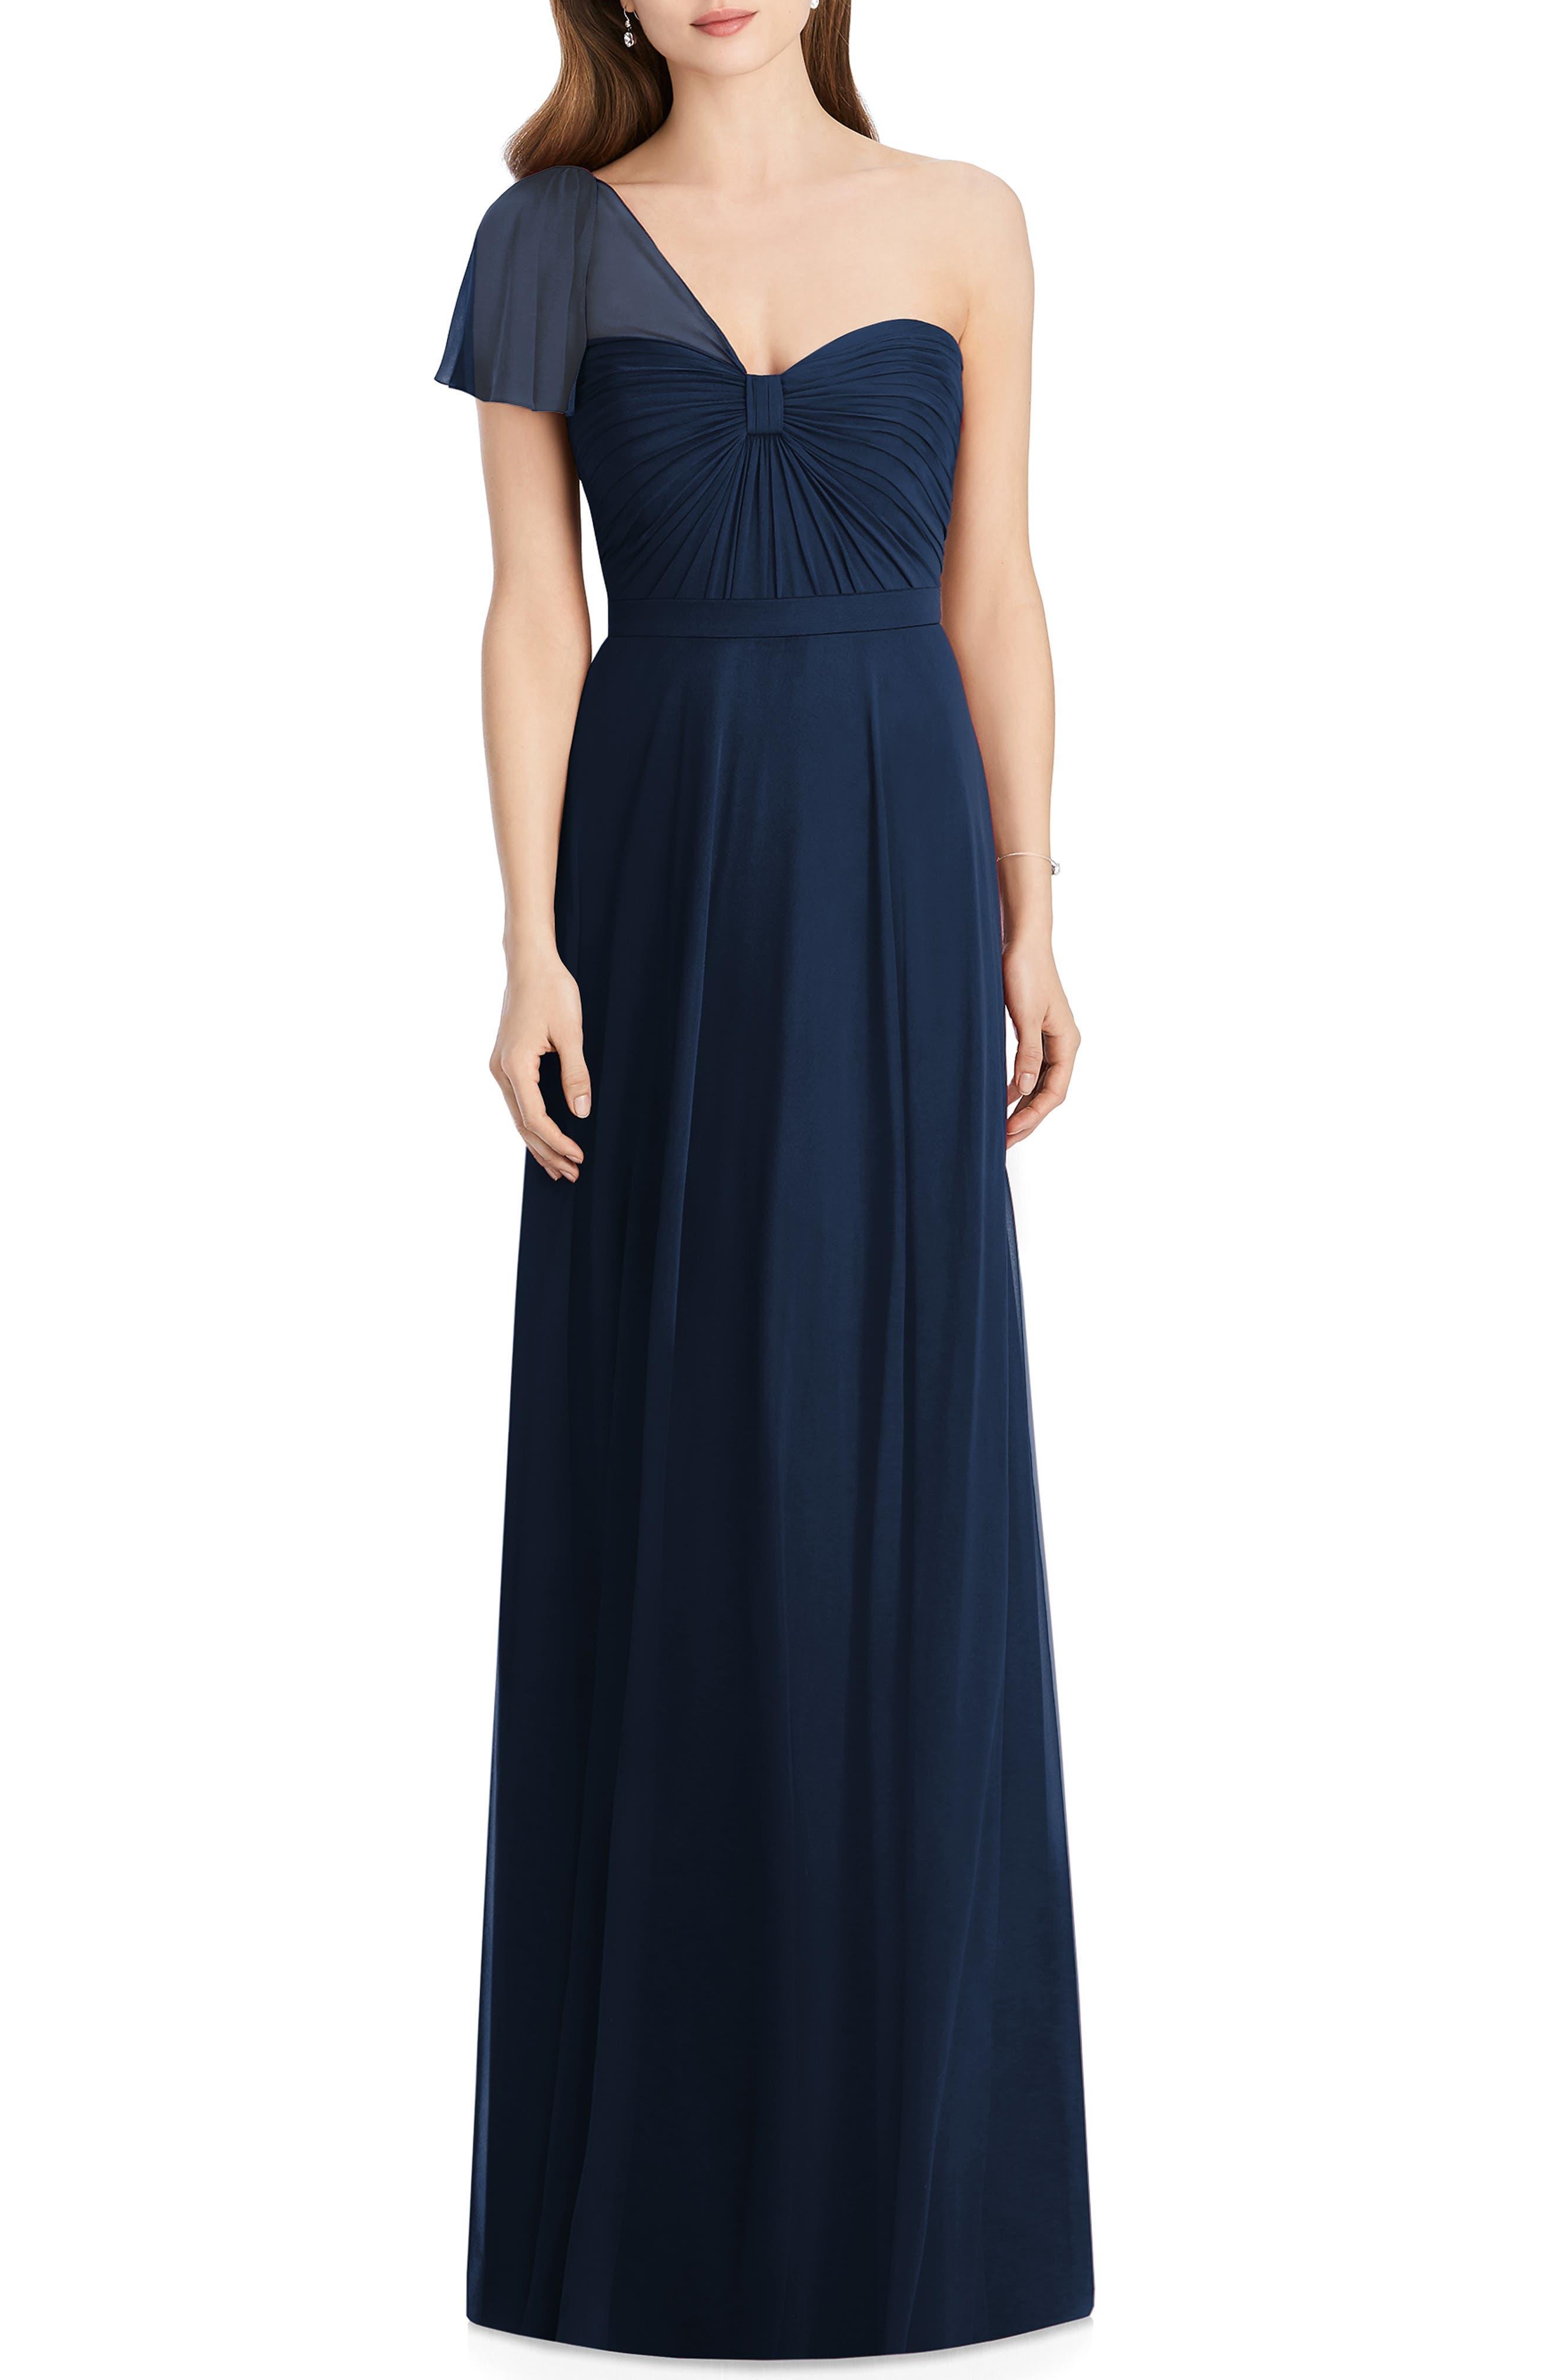 Jenny Packham Pleat One Shoulder Gown, Blue